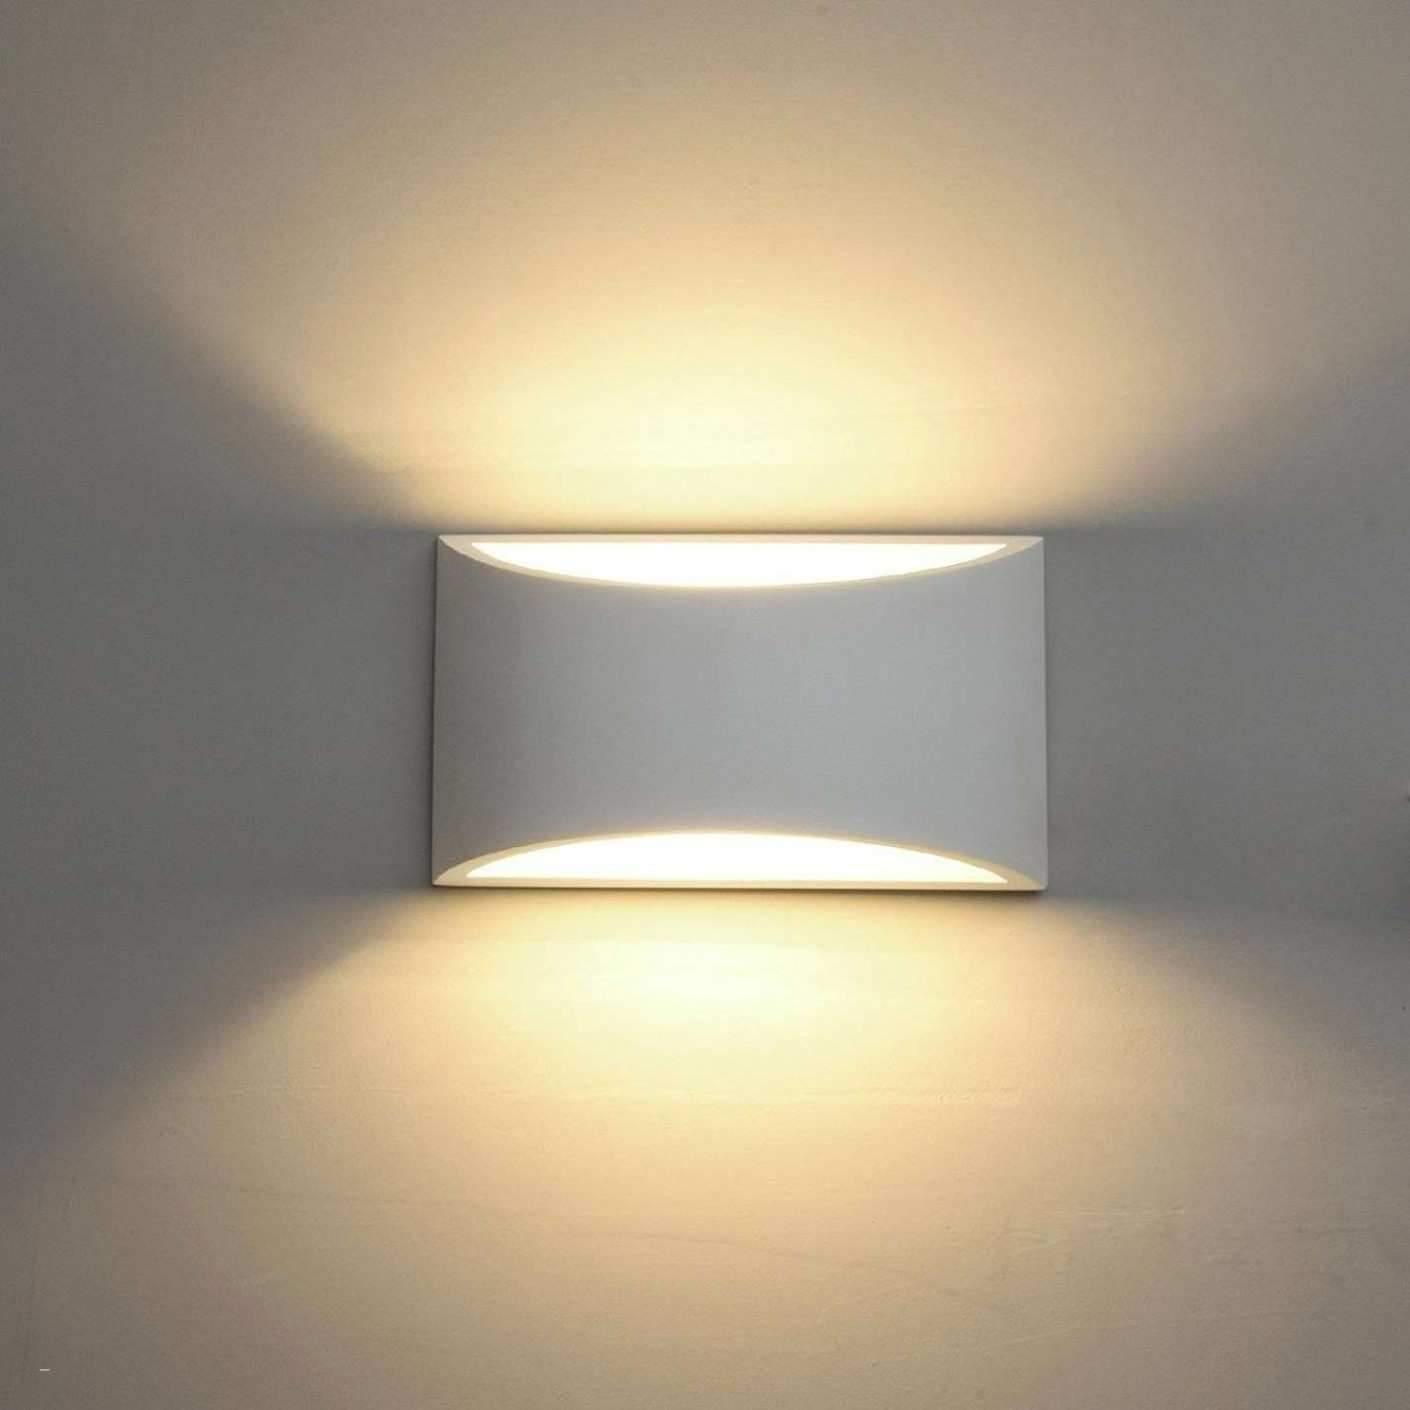 Full Size of Wohnzimmer Deckenlampe Deckenleuchten Led Deckenlampen Ikea Dimmbar Deckenleuchte Modern Mit Fernbedienung Holzdecke 31 Einzigartig Elegant Frisch Tapete Wohnzimmer Wohnzimmer Deckenlampe